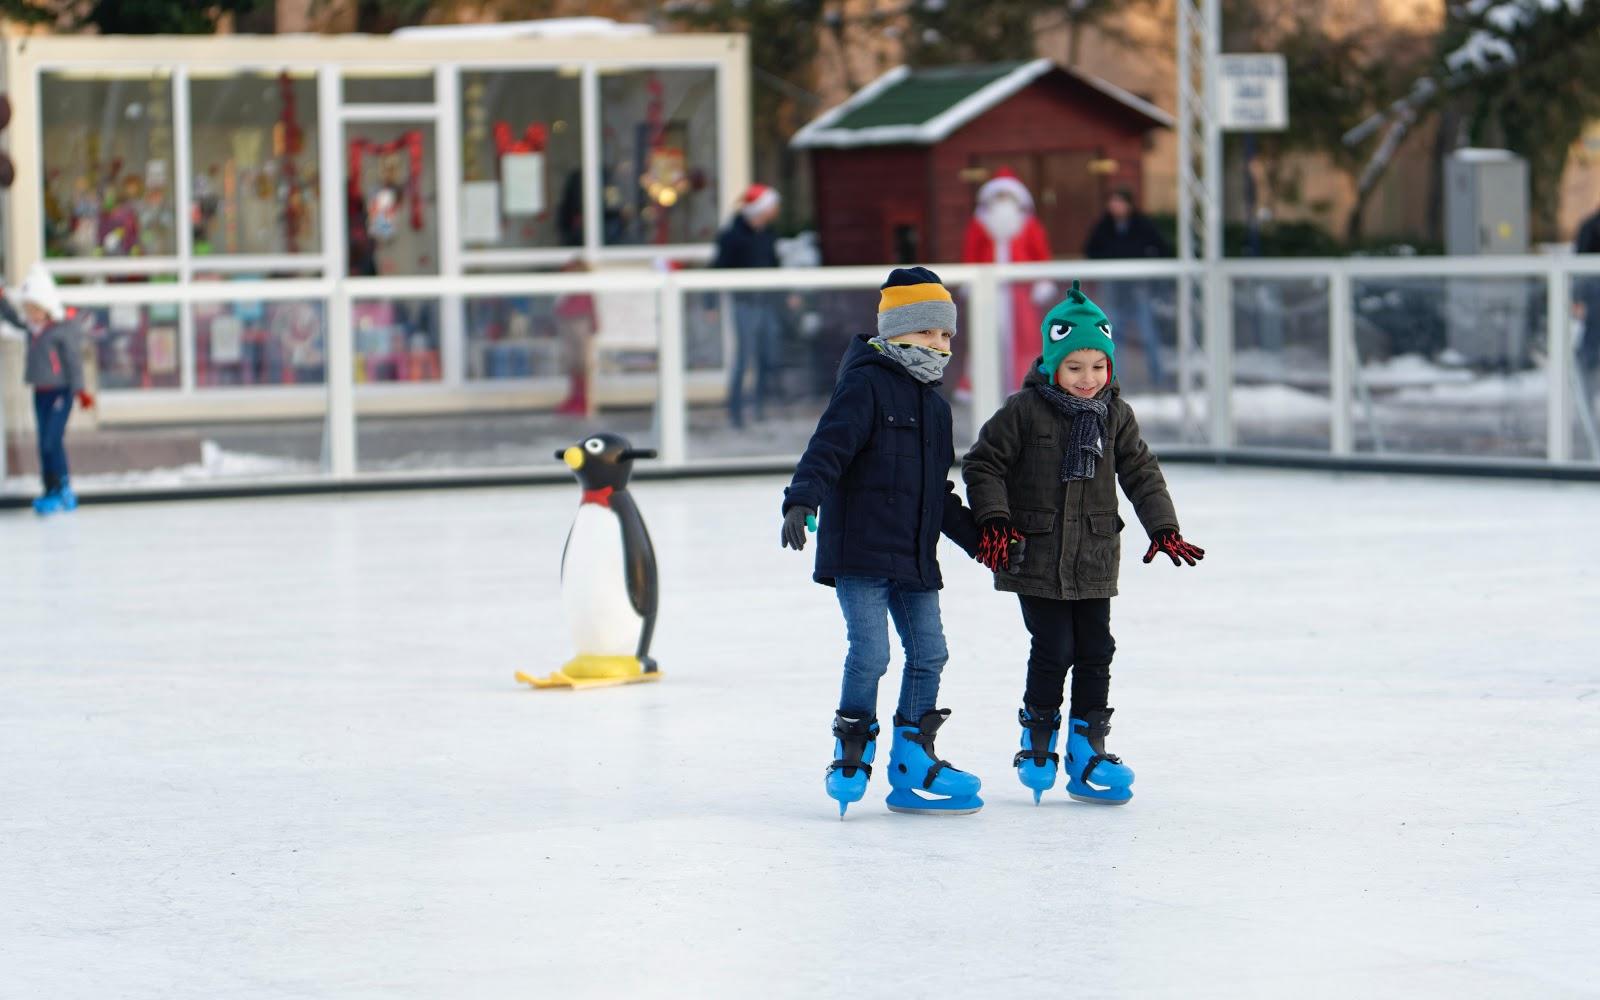 kids skating at City of Cuyahoga Falls Outdoor Ice Rink